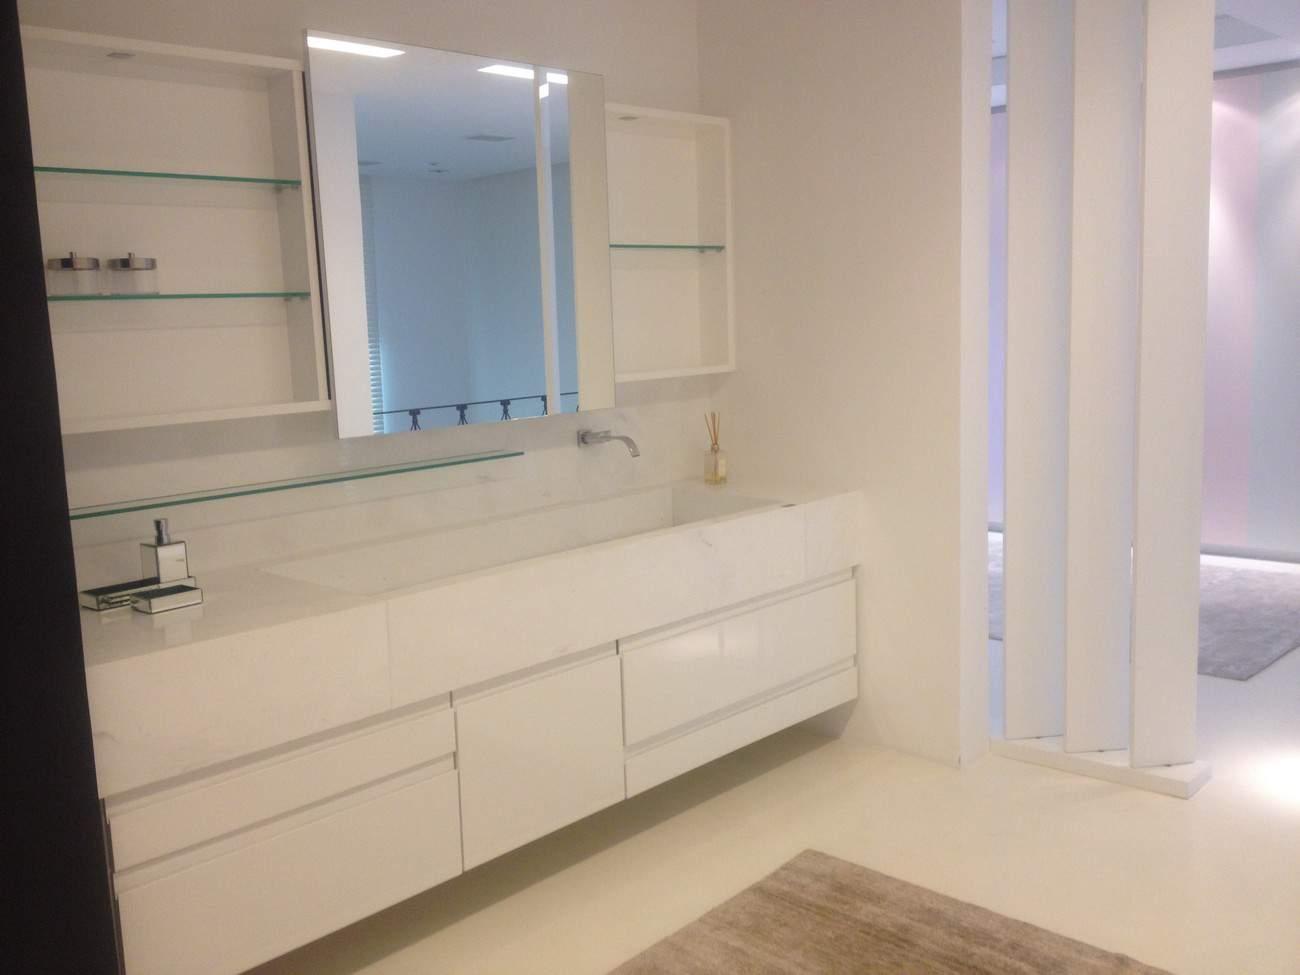 Tampo Banheiro Granito  cgafghanscom banheiros pequenos e modernos -> Tampo E Cuba Para Banheiro